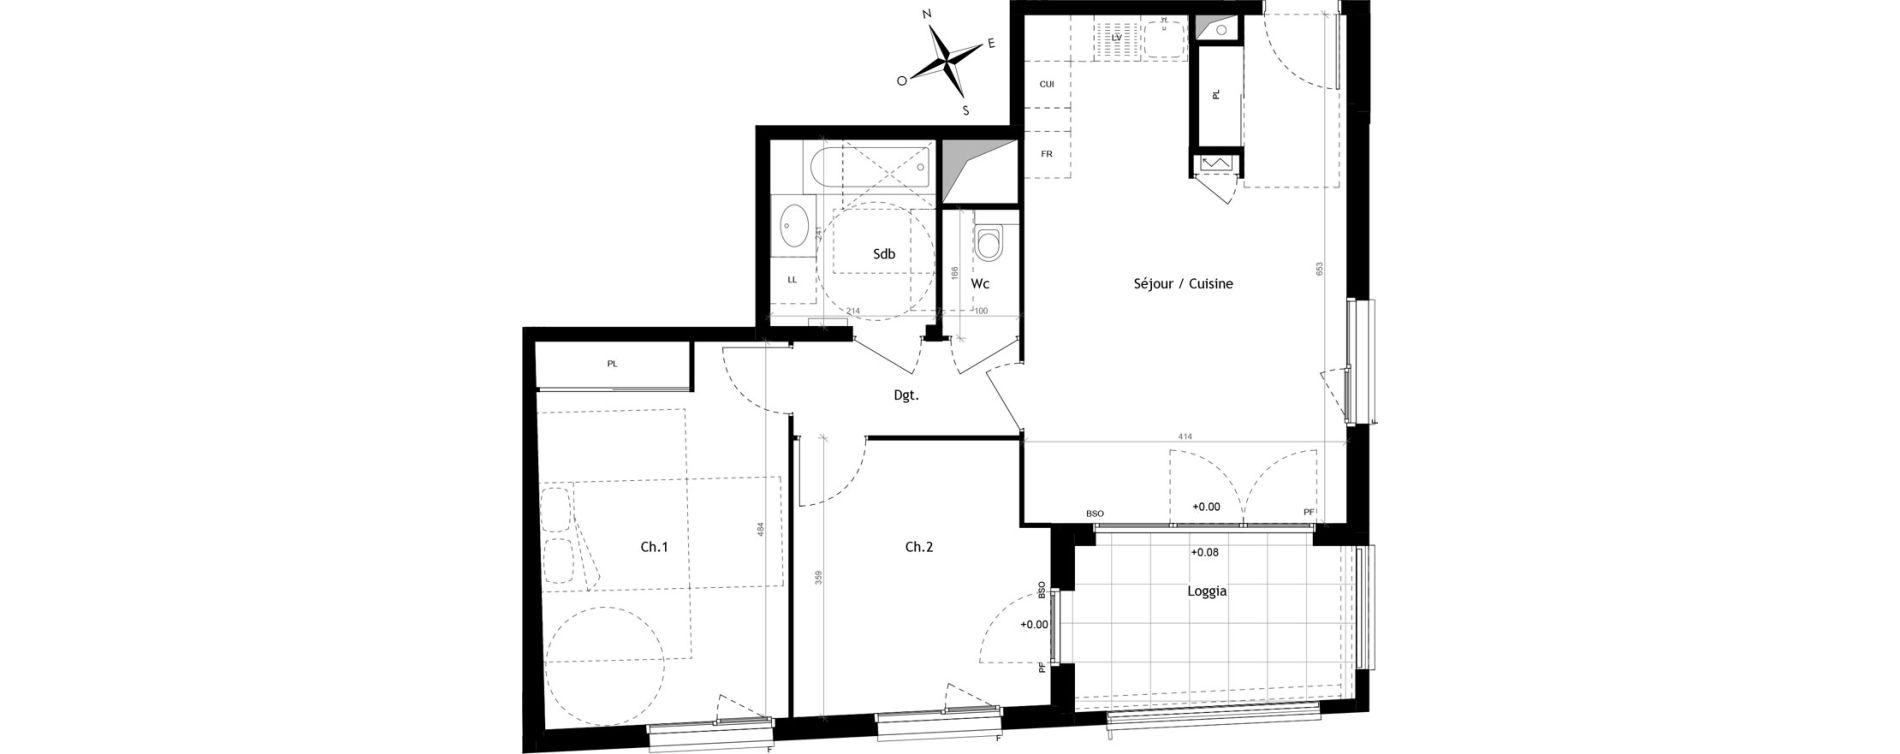 Appartement T3 de 63,10 m2 à Lyon Vaise (9eme)